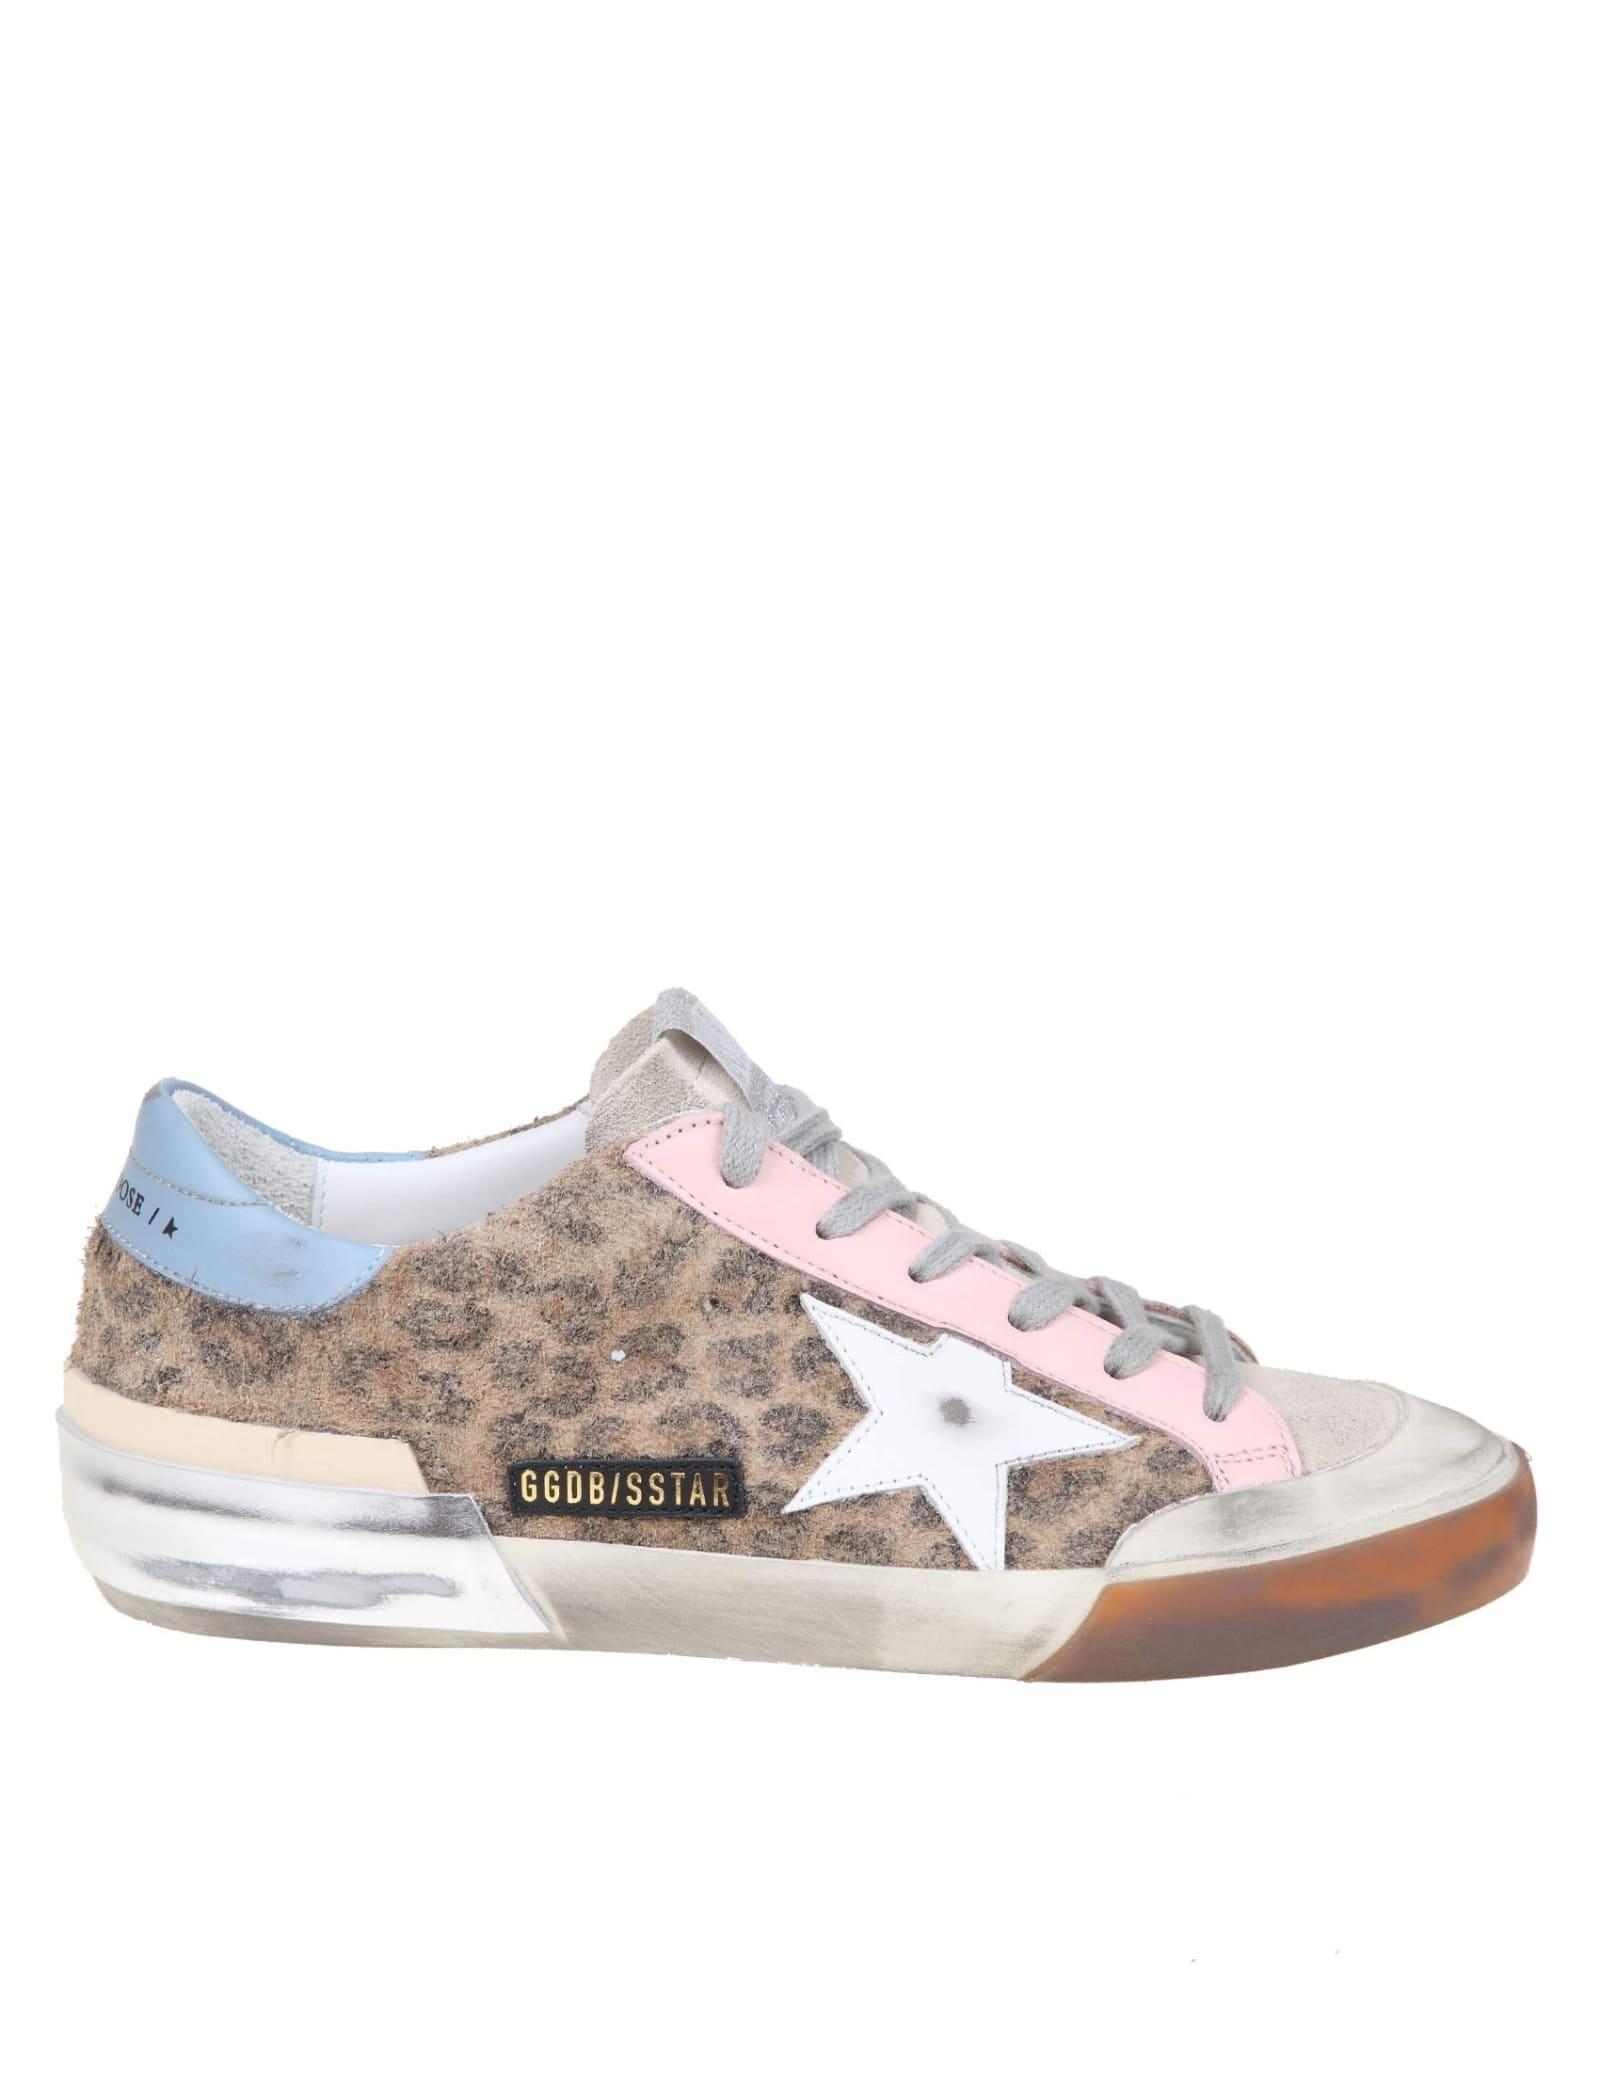 Golden Goose Superstar Sneakers Suede Leopard Print